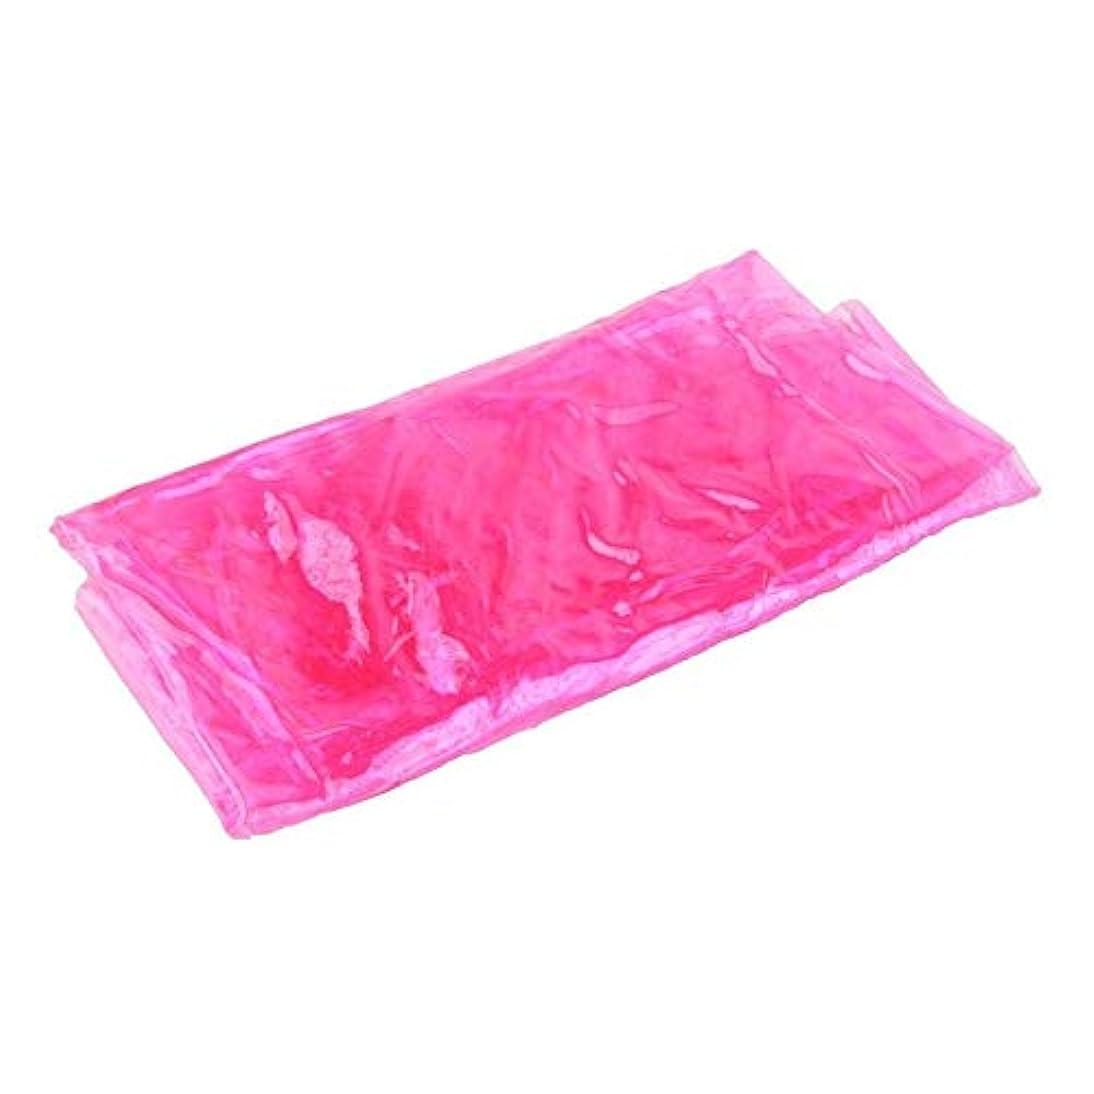 被害者形成苦悩PVCシェイプアップスリミングベルトベリービタボディシェイパー減量サウナベルトライフエッセンシャルオイル/クリームマッサージ/スパソルト(ピンク)